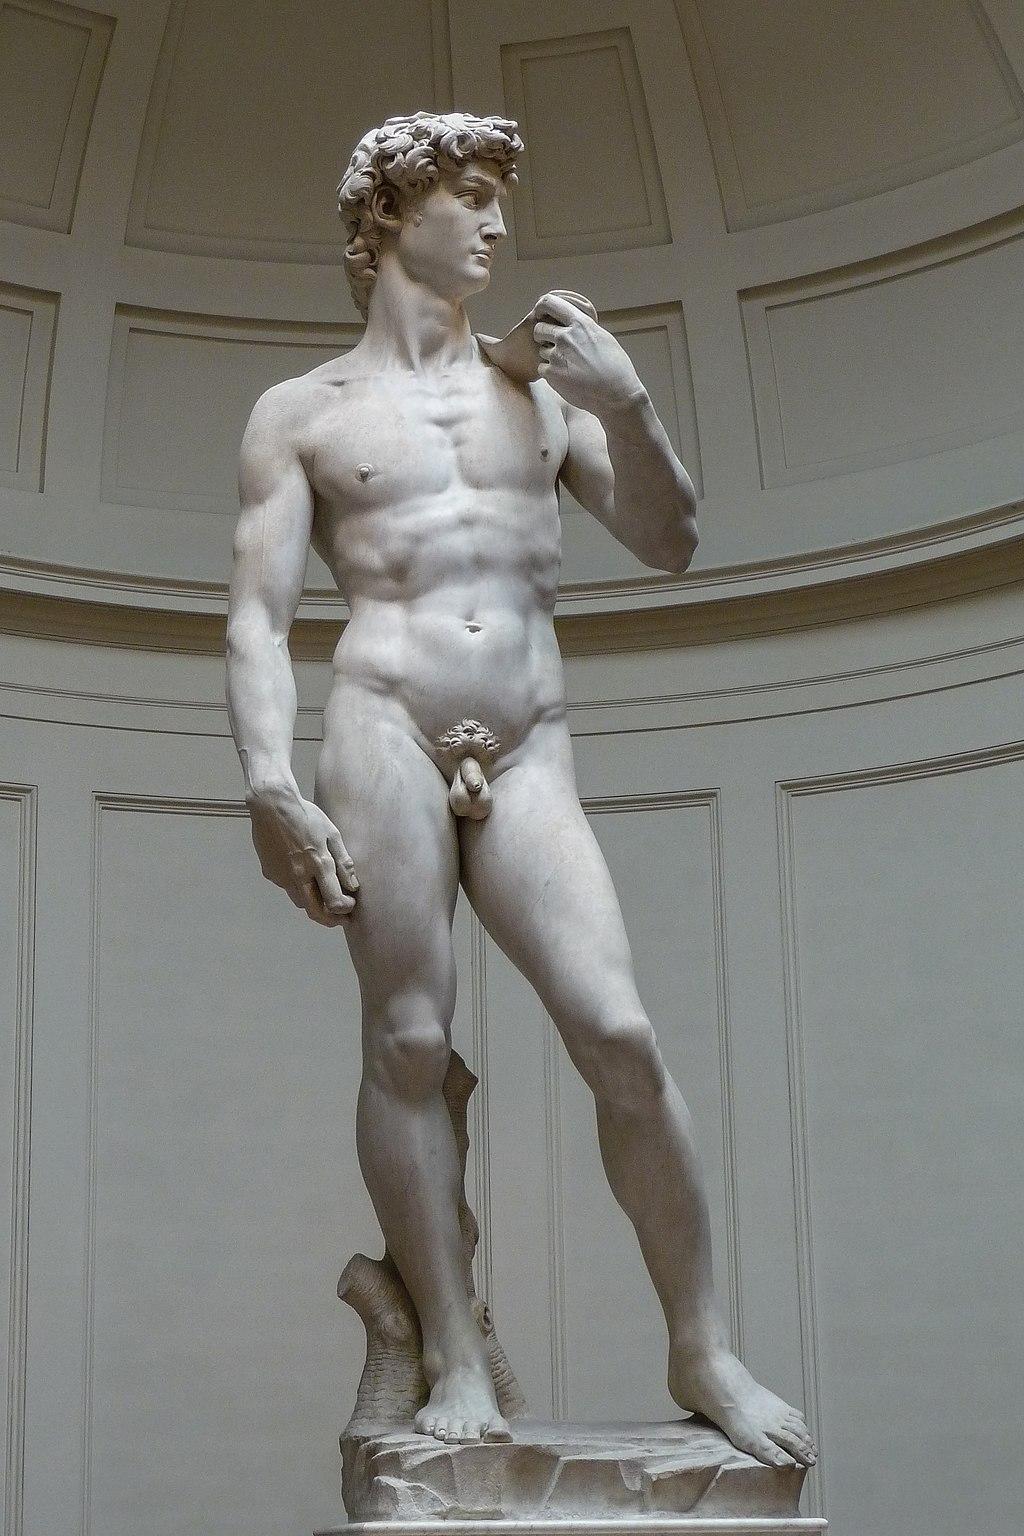 En la versión de Miguel Ángel de la historia bíblica de David y Goliat solo aparece el joven retador. Sin embargo, su mirada concentrada y valiente revela la presencia del gigante